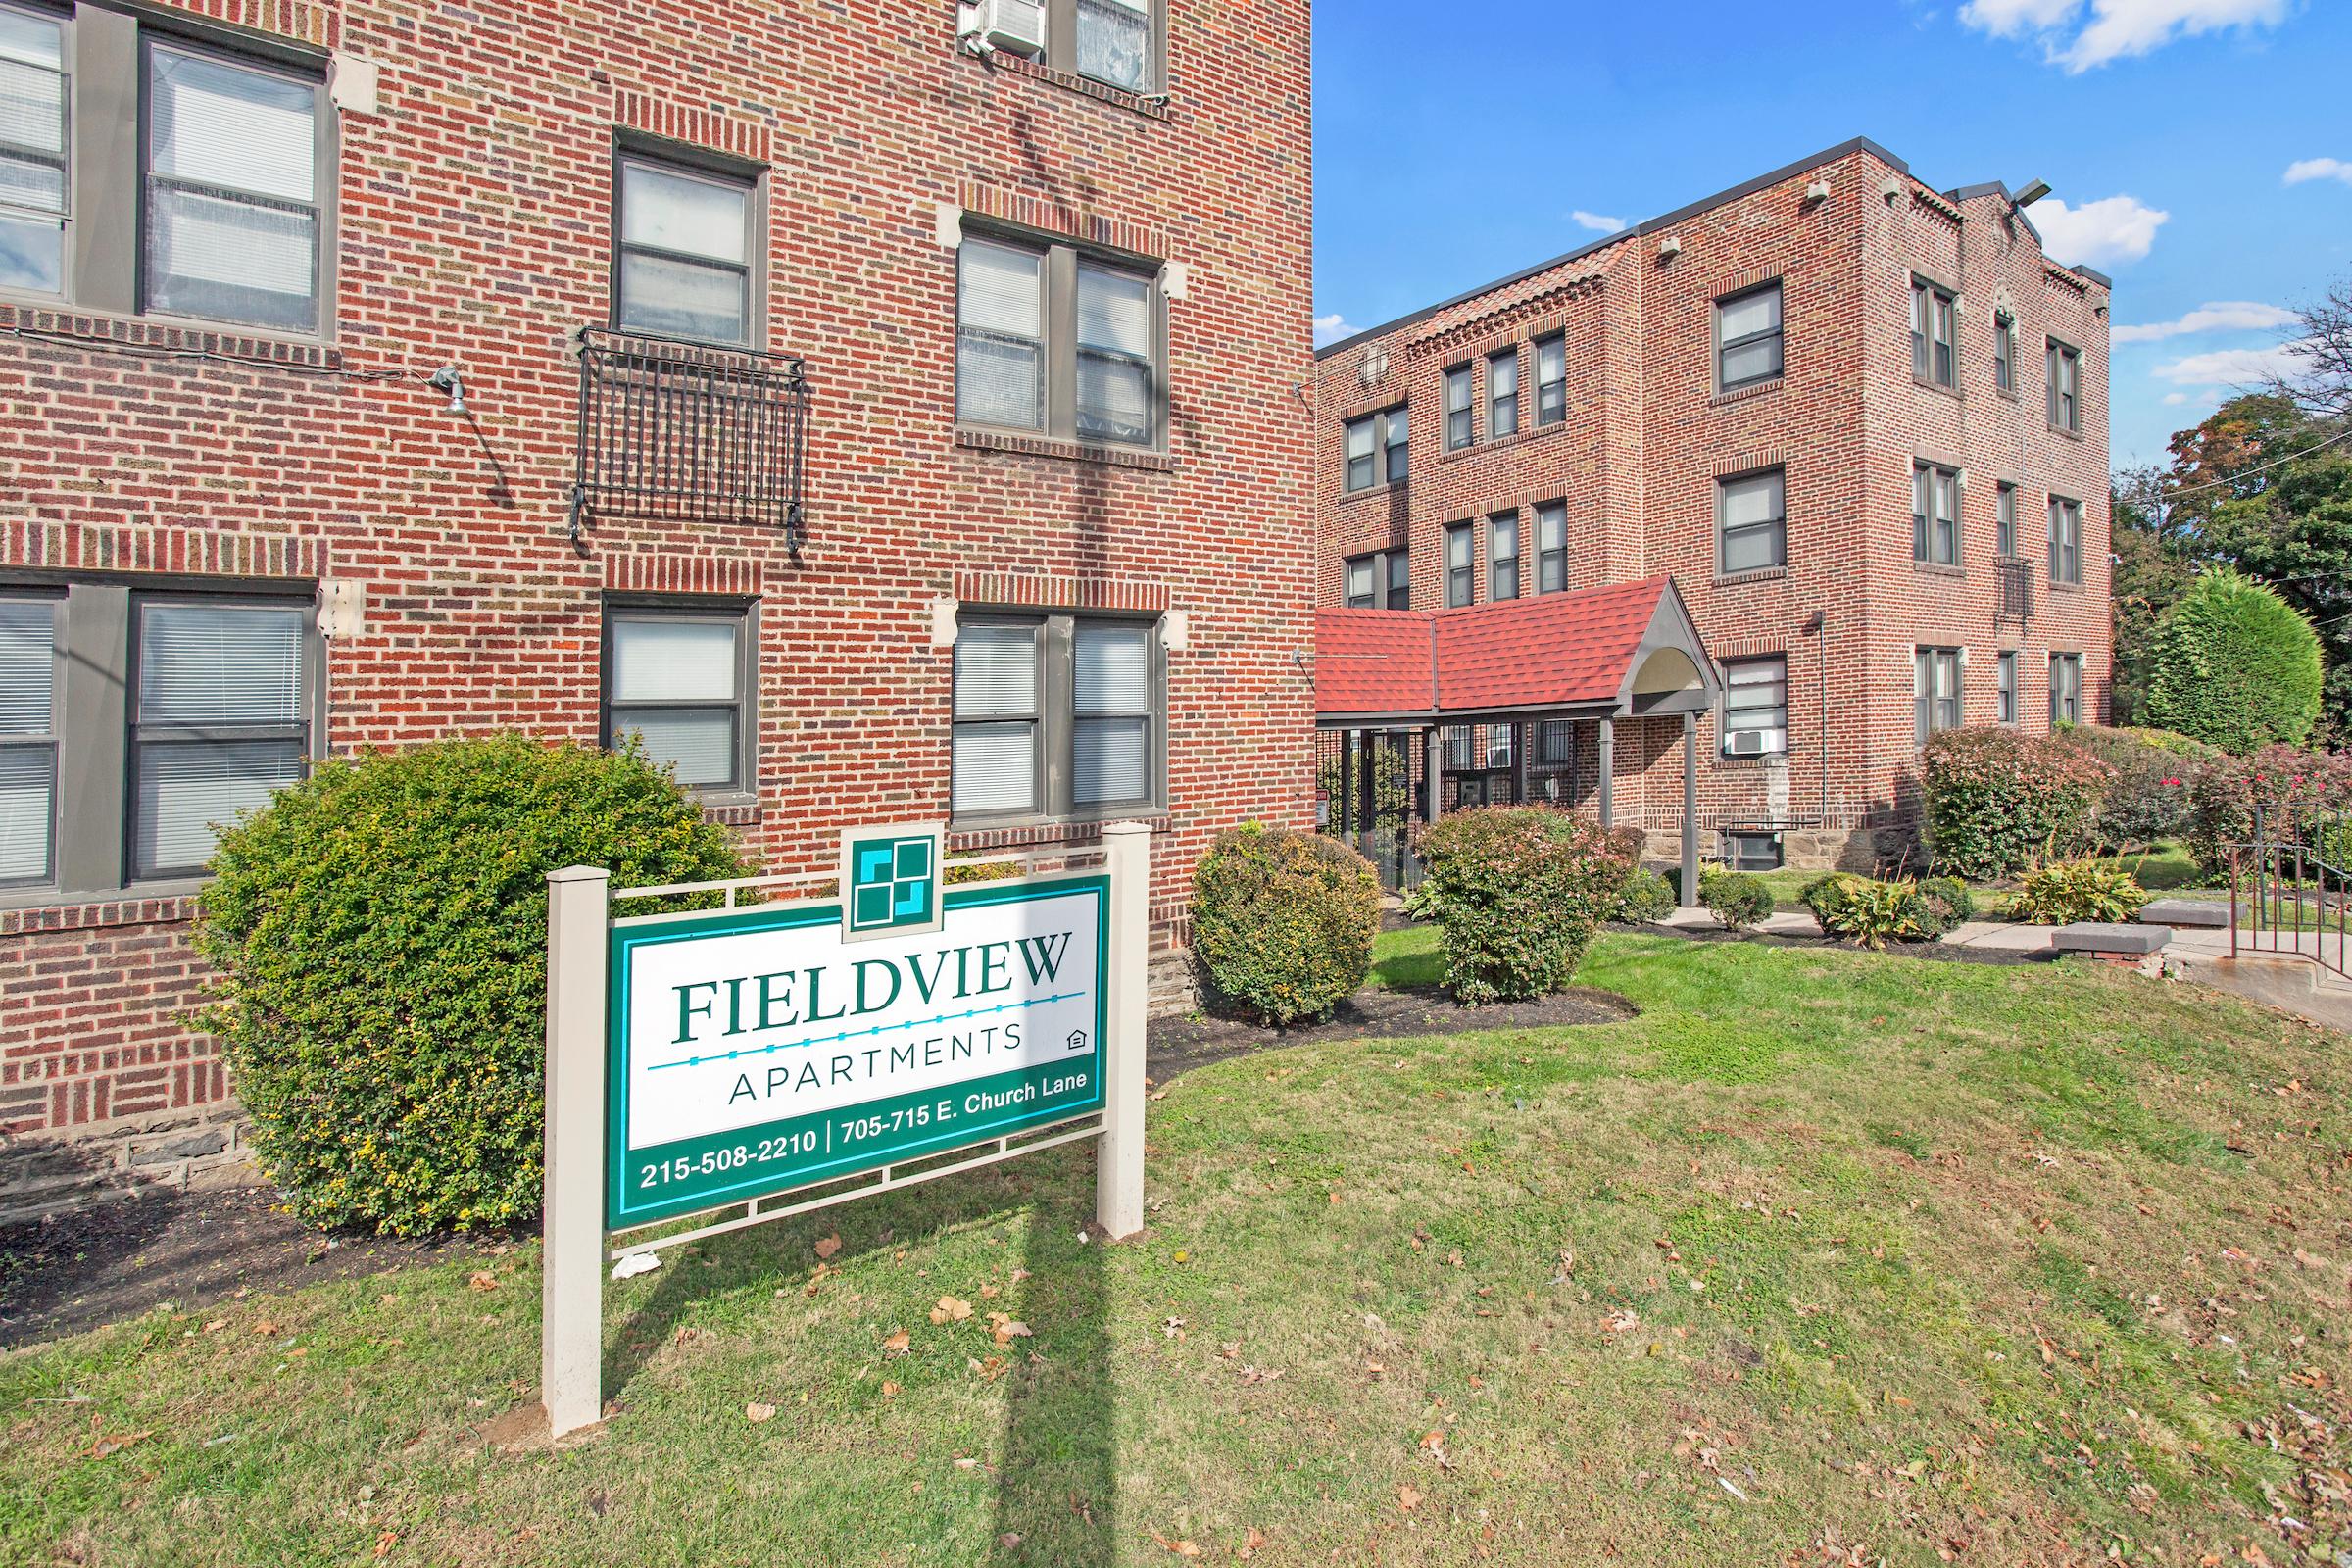 Fieldview Apartments - 715 Church Lane, Philadelphia, PA